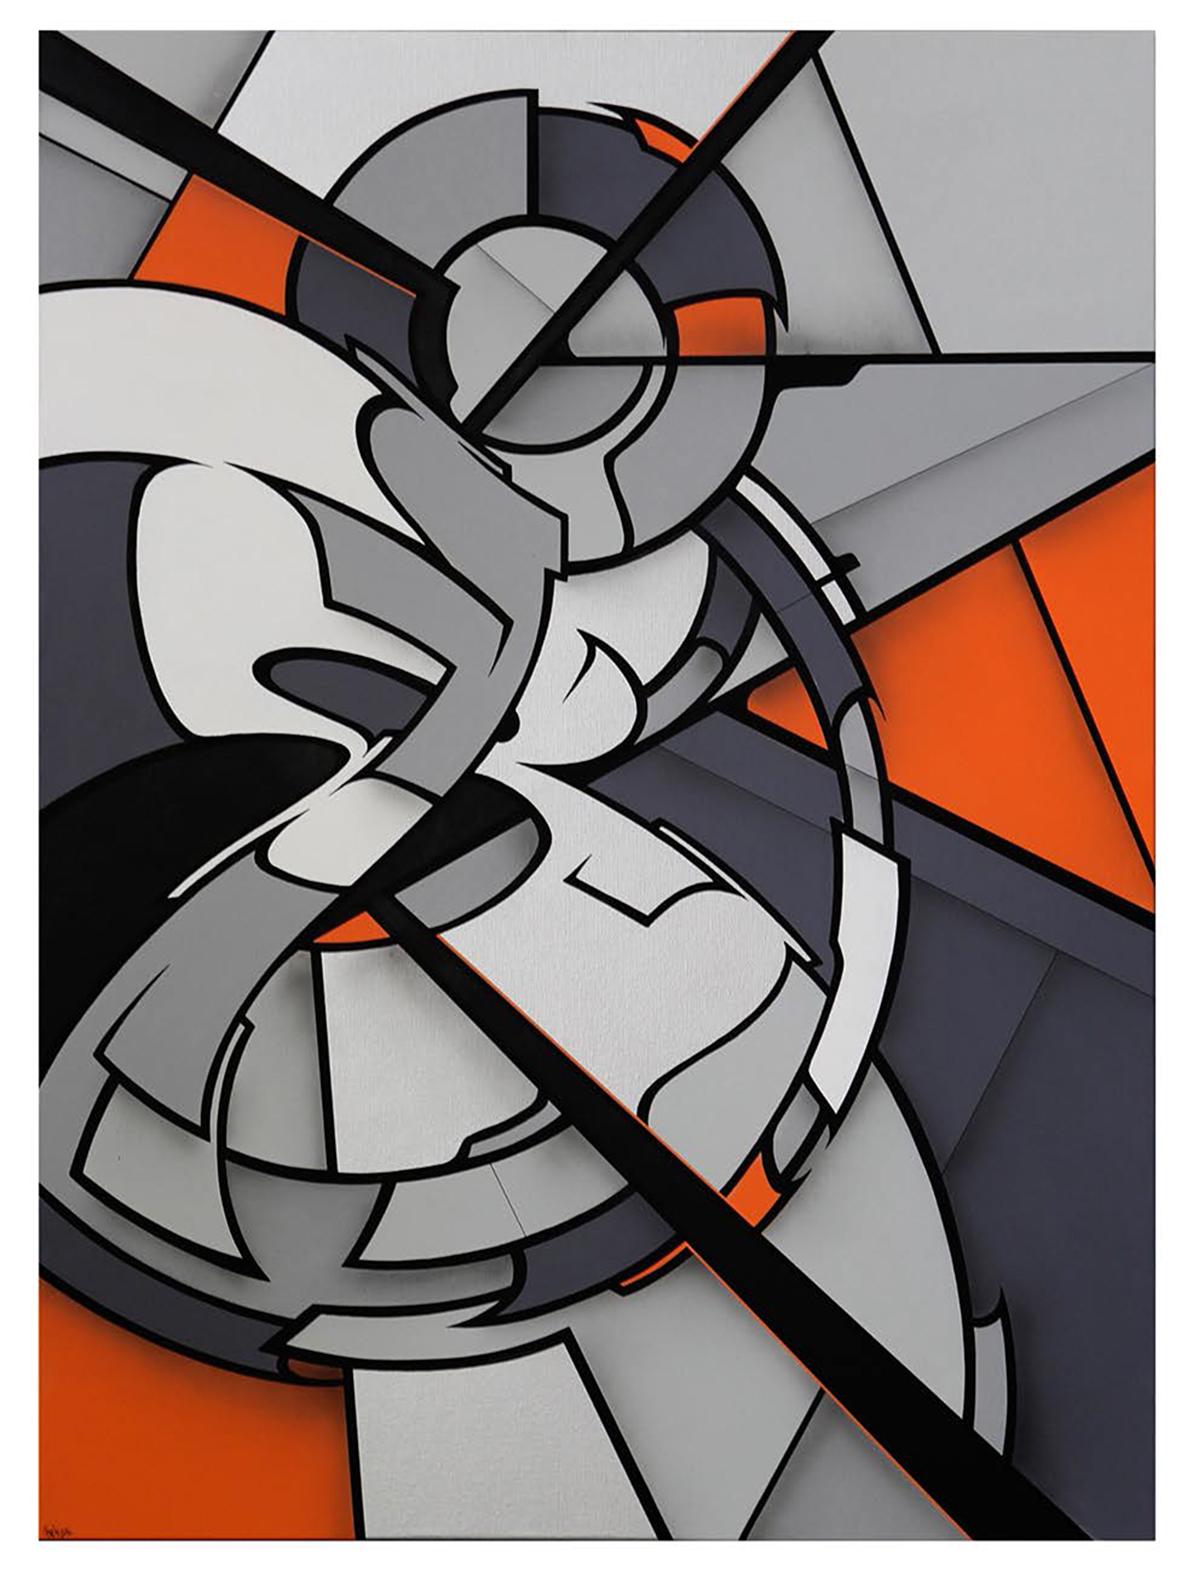 GMTRK-20 acrylique et aérosol sur toile 130 x 97 cm